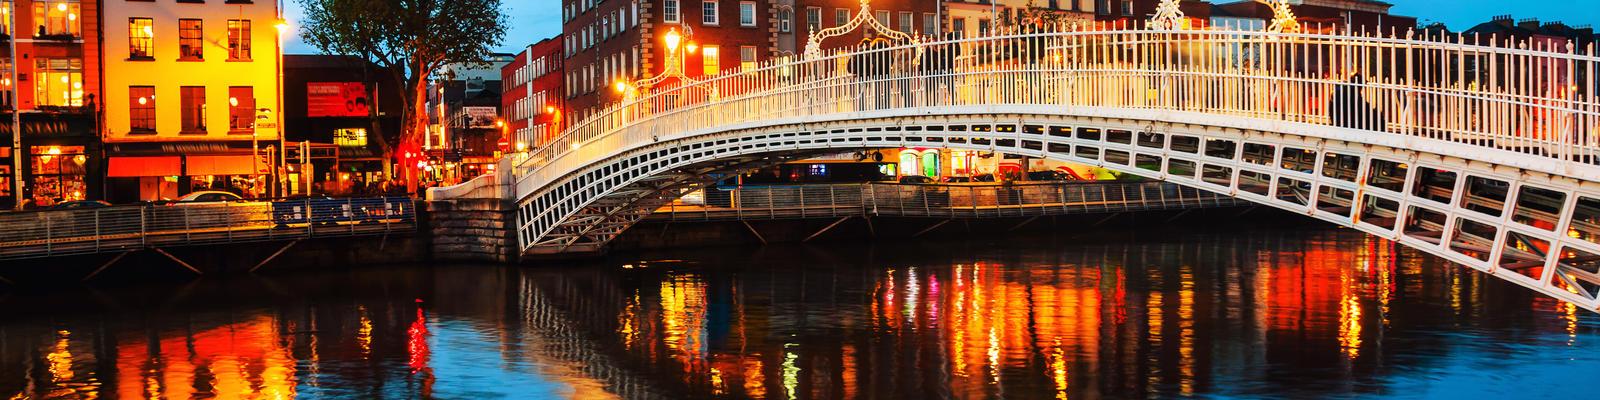 Dublin cruise port